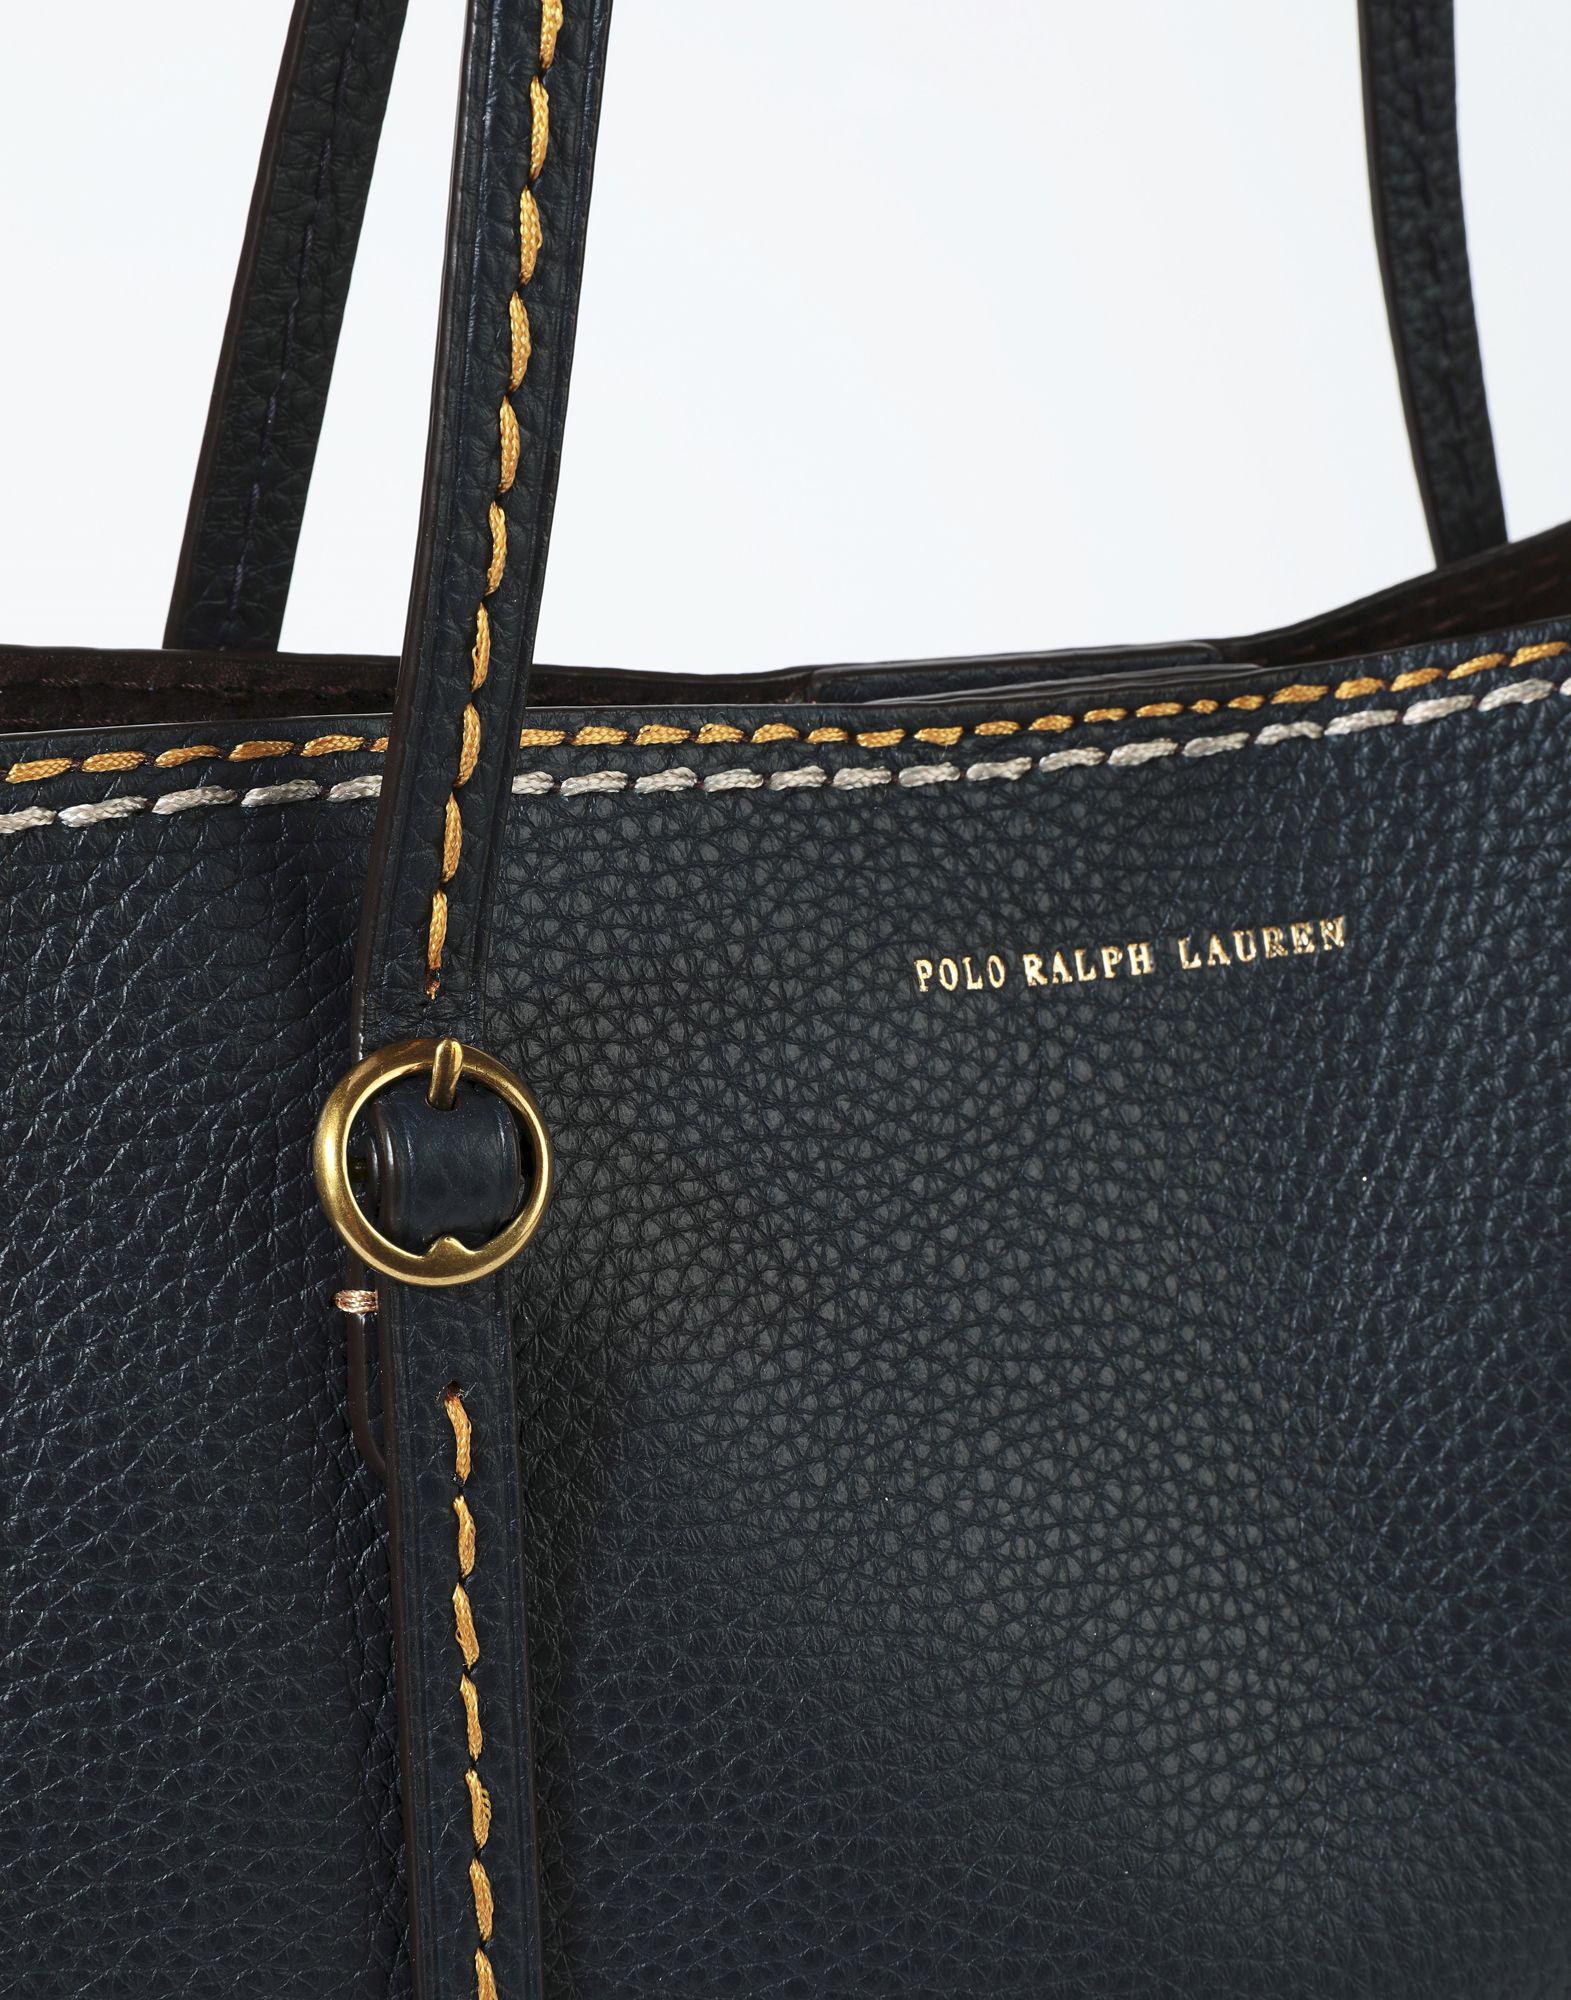 fb6f2908cae3 ... cheap polo ralph lauren handbag in blue lyst aeee5 ff053